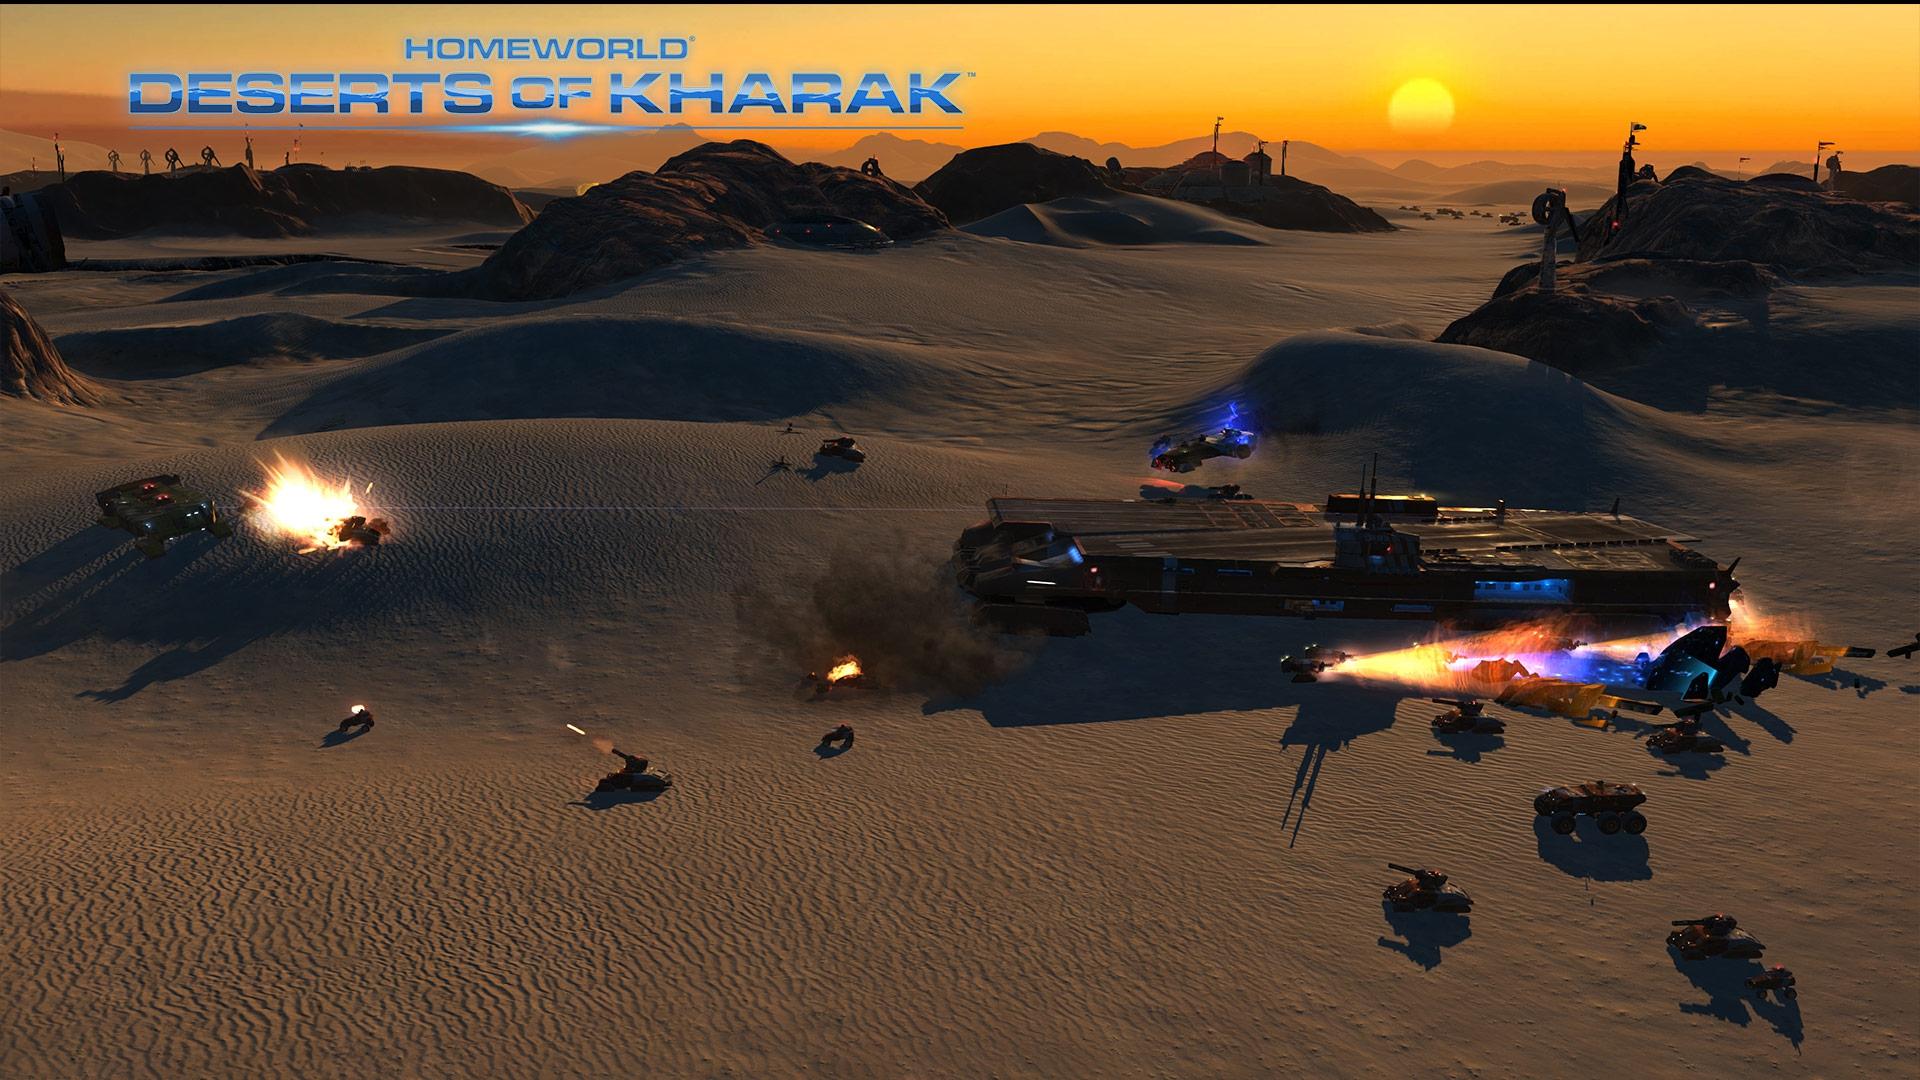 Homeworld-Deserts-of-Kharak-146214